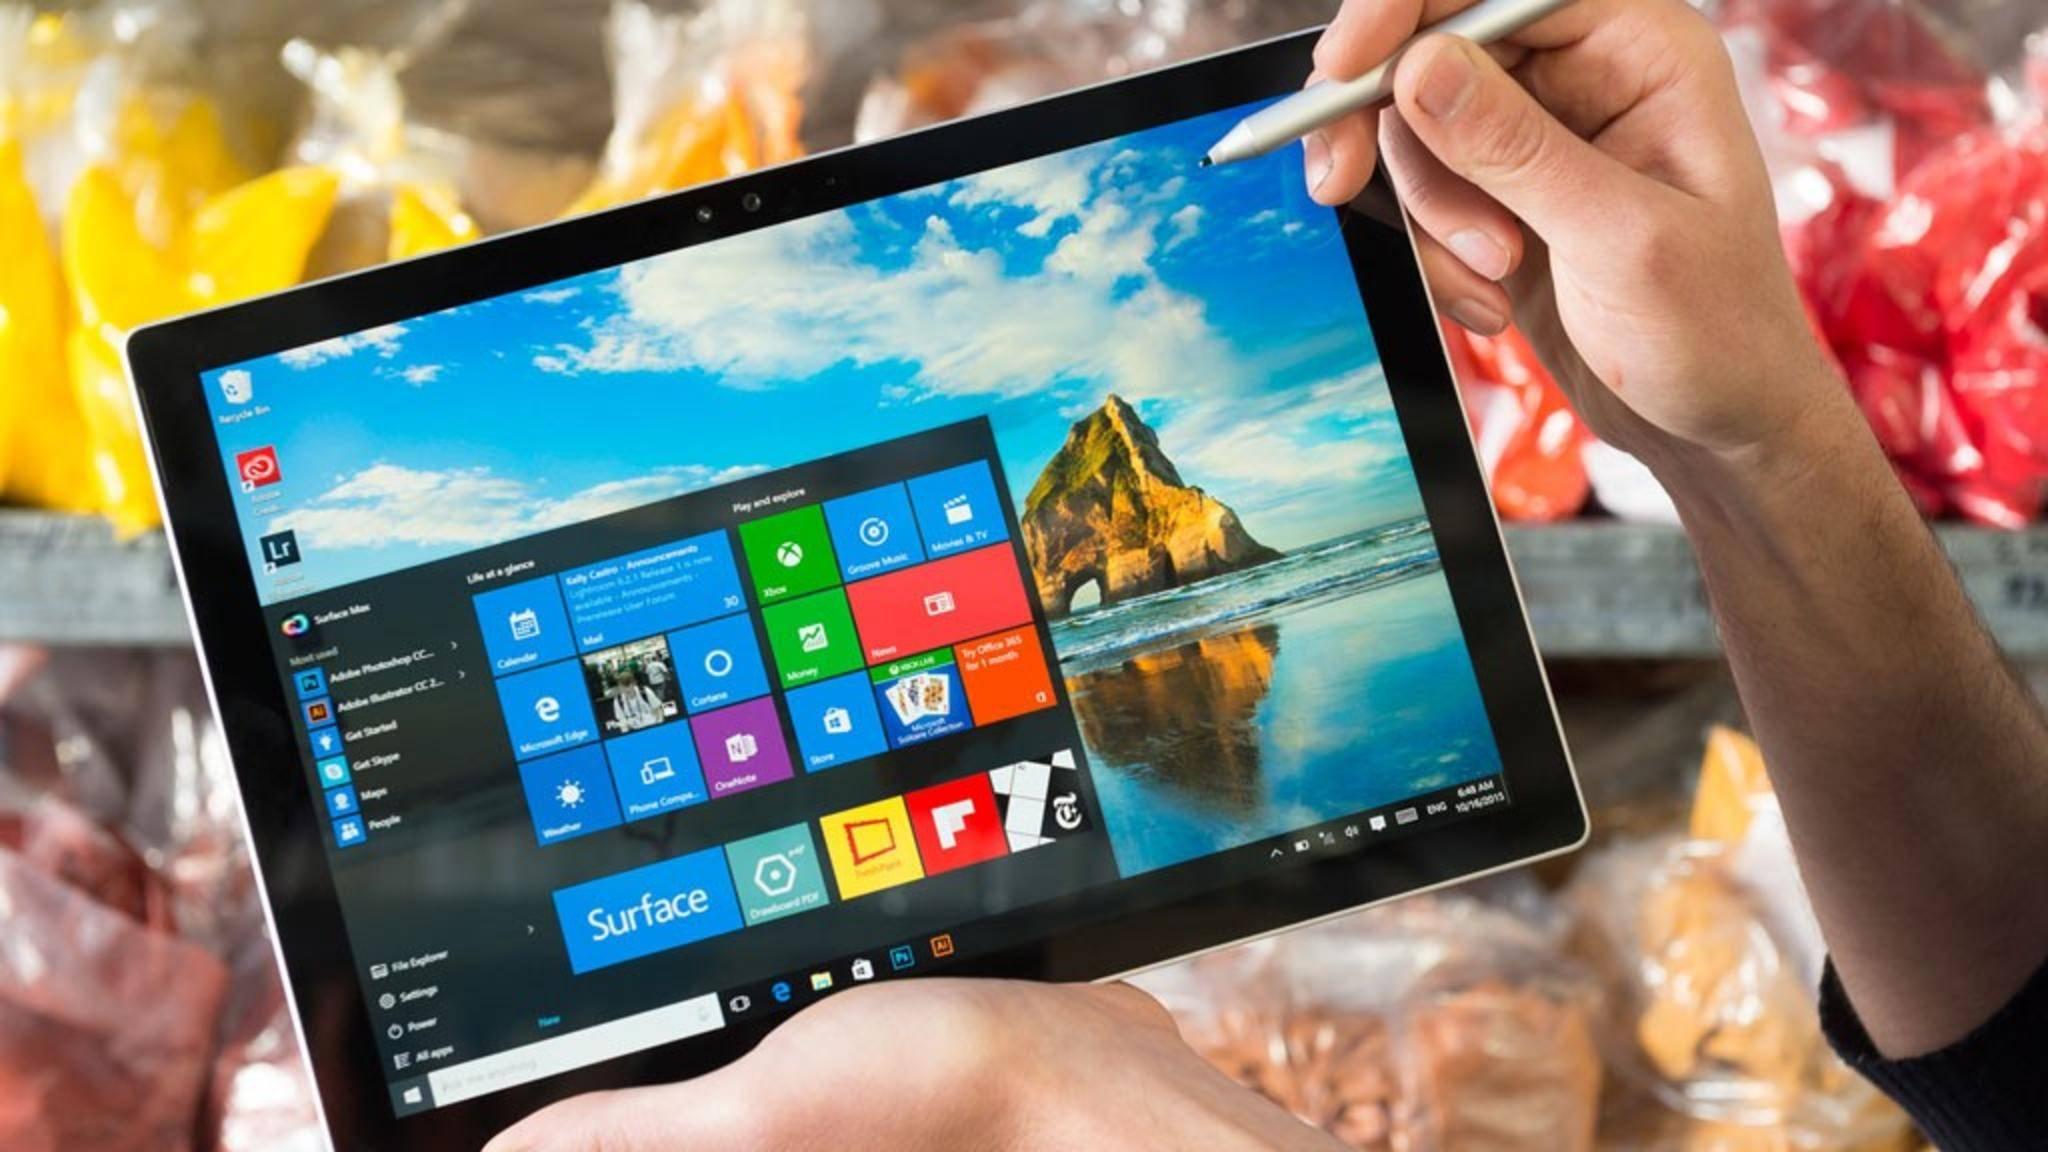 Für Tablets und Laptops mit wenig Speicher entwickelt: Die Windows 10 Lean Edition.